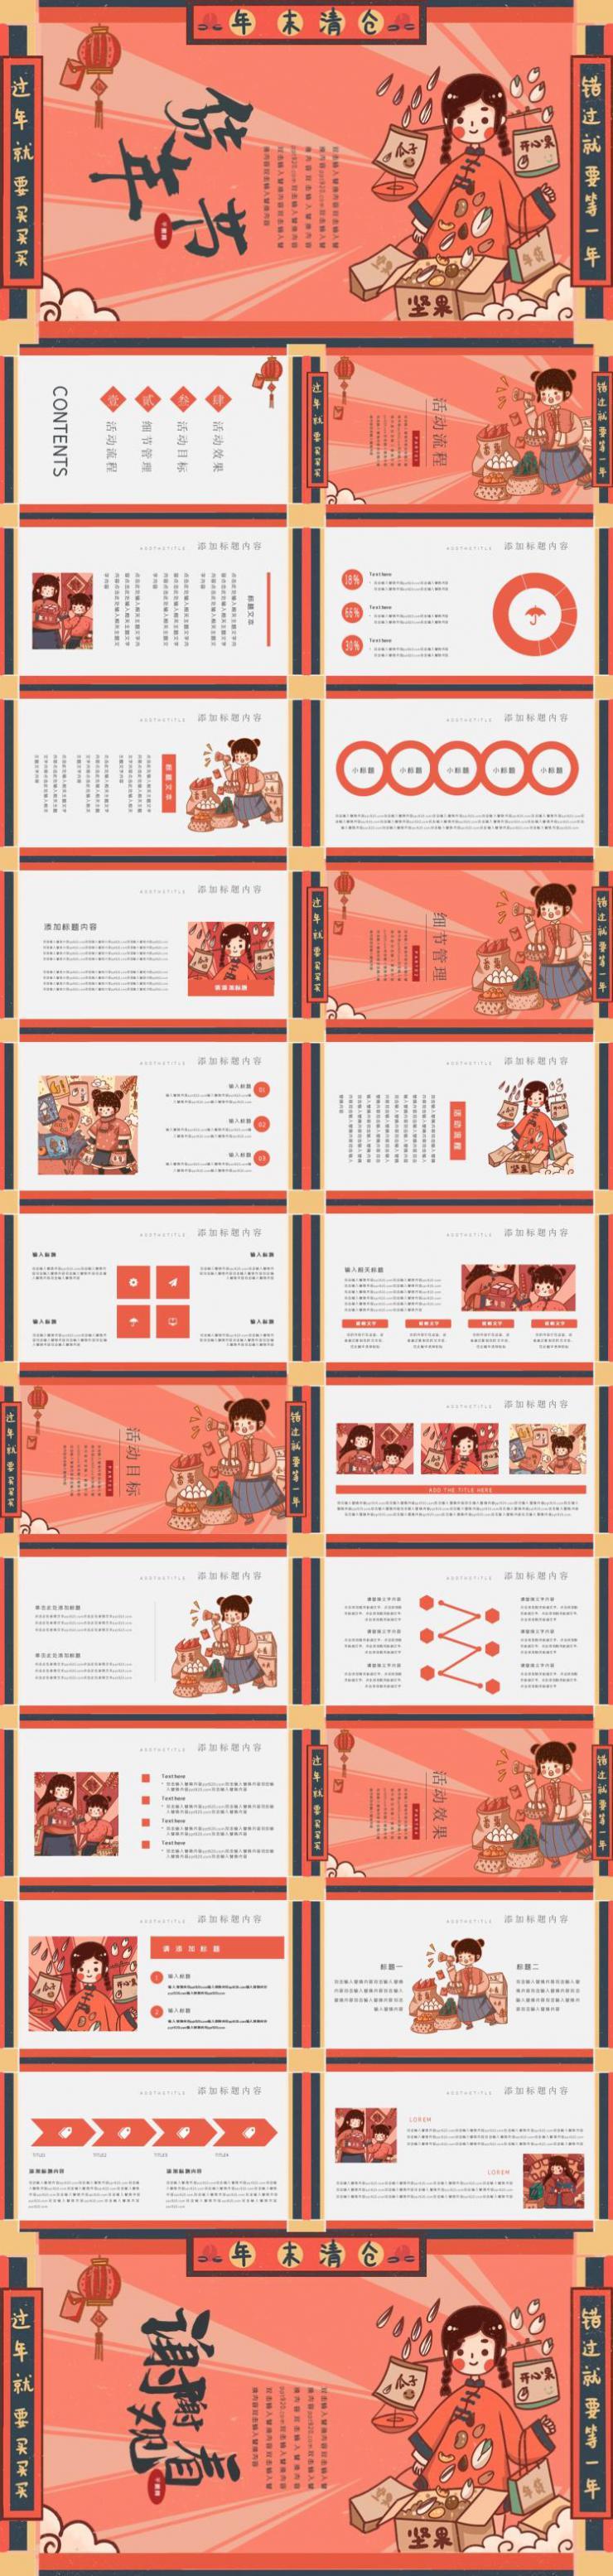 民国风天猫年货节宣传PPT模板